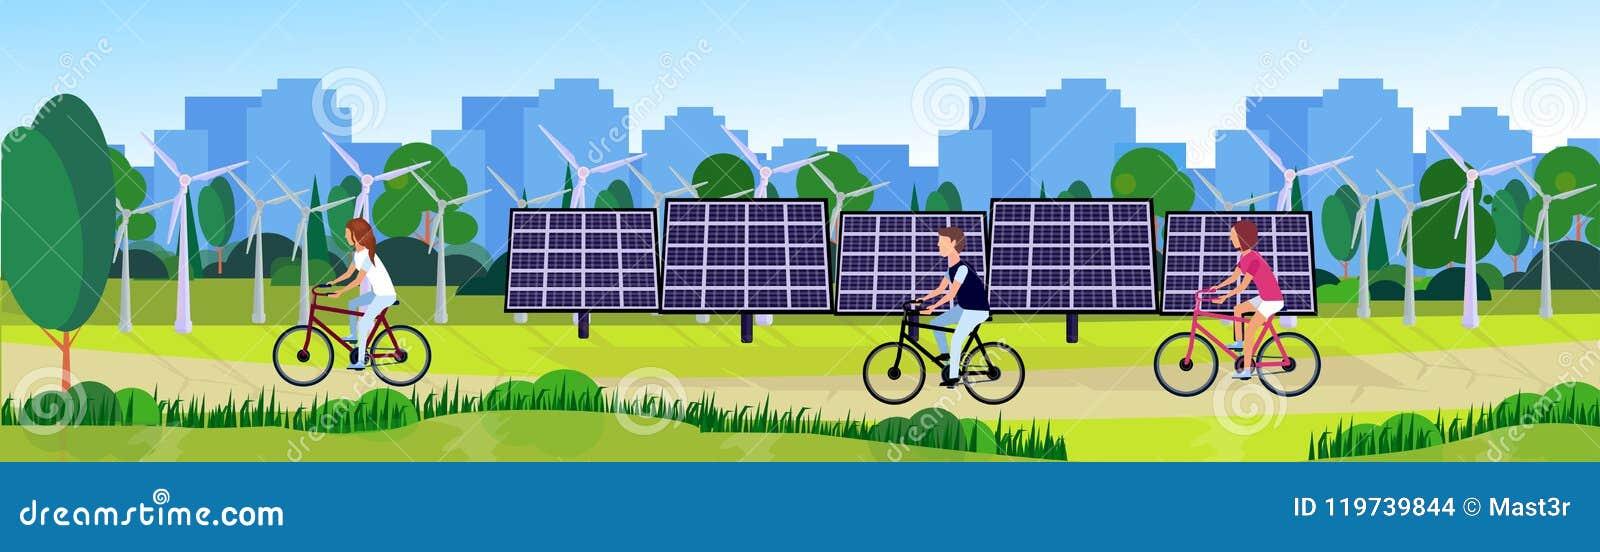 De mensen die van het stadspark van de de turbines zonne-energie van de schone energiewind van de de panelenrivier groene het gaz